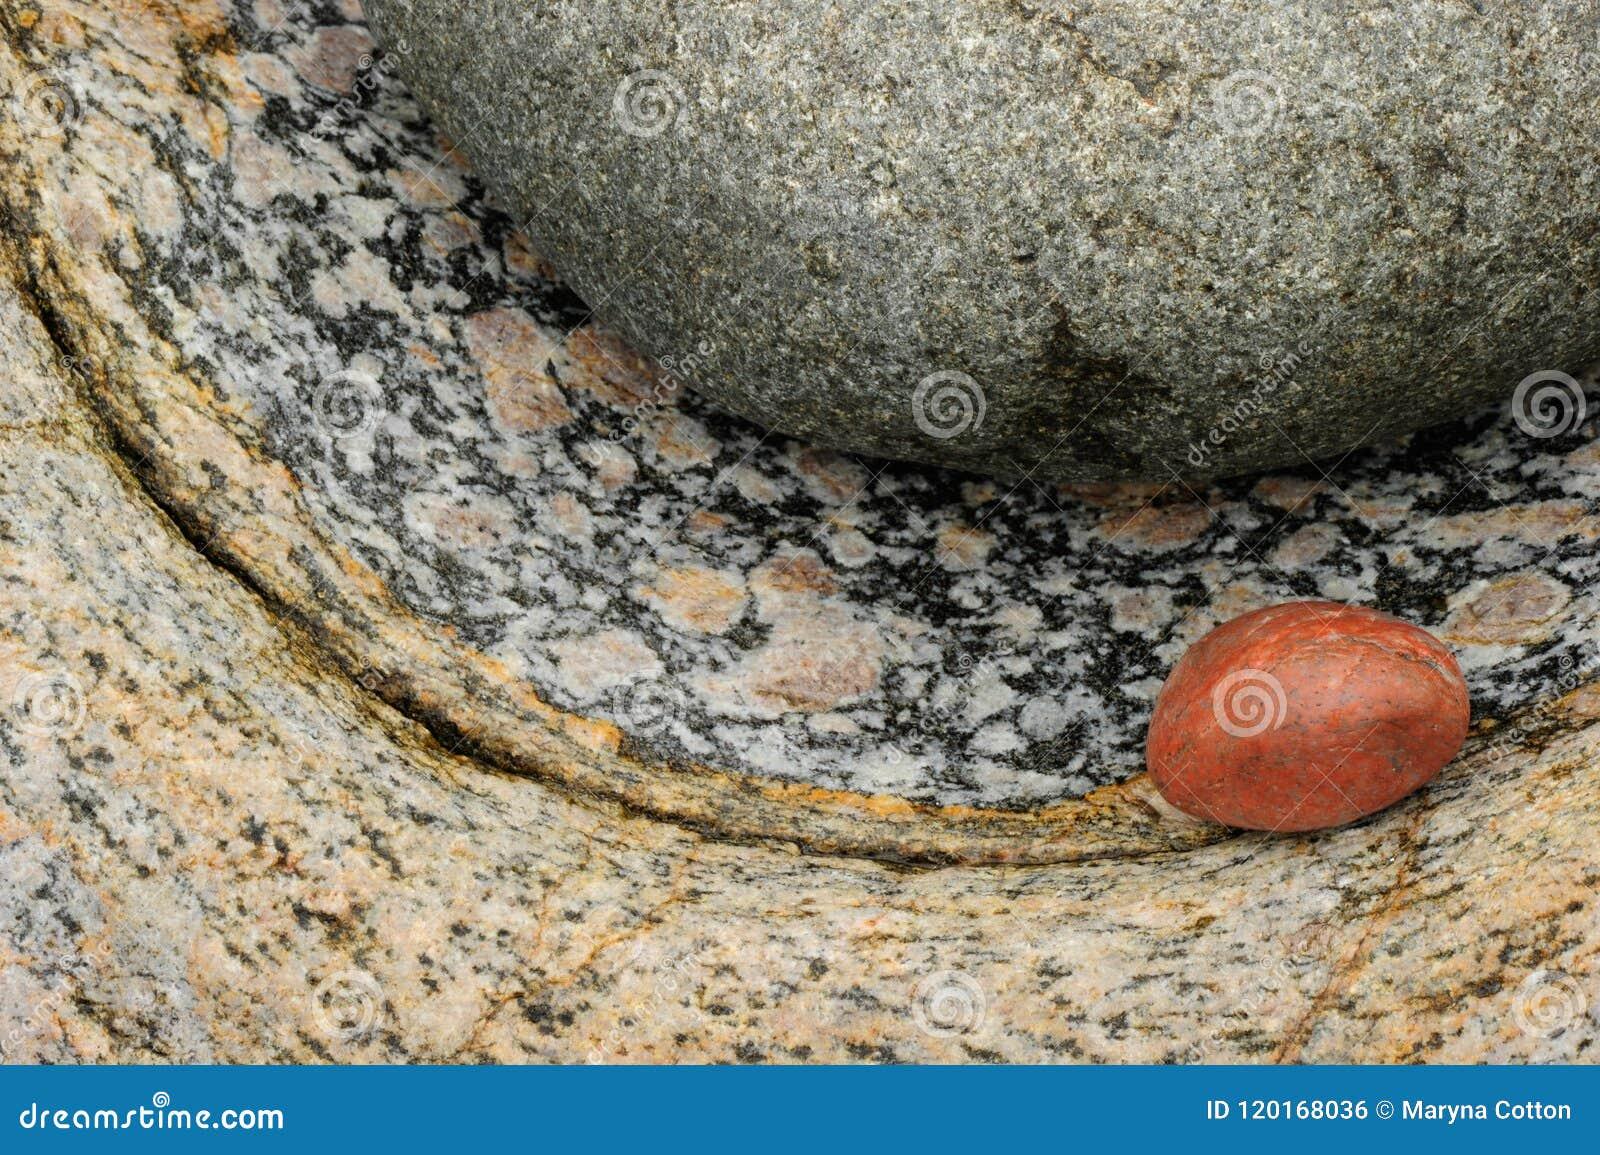 Κινηματογράφηση σε πρώτο πλάνο ενός ομαλού κοκκινωπού βράχου ενάντια σε άλλους χρωματισμένους κατασκευασμένους βράχους